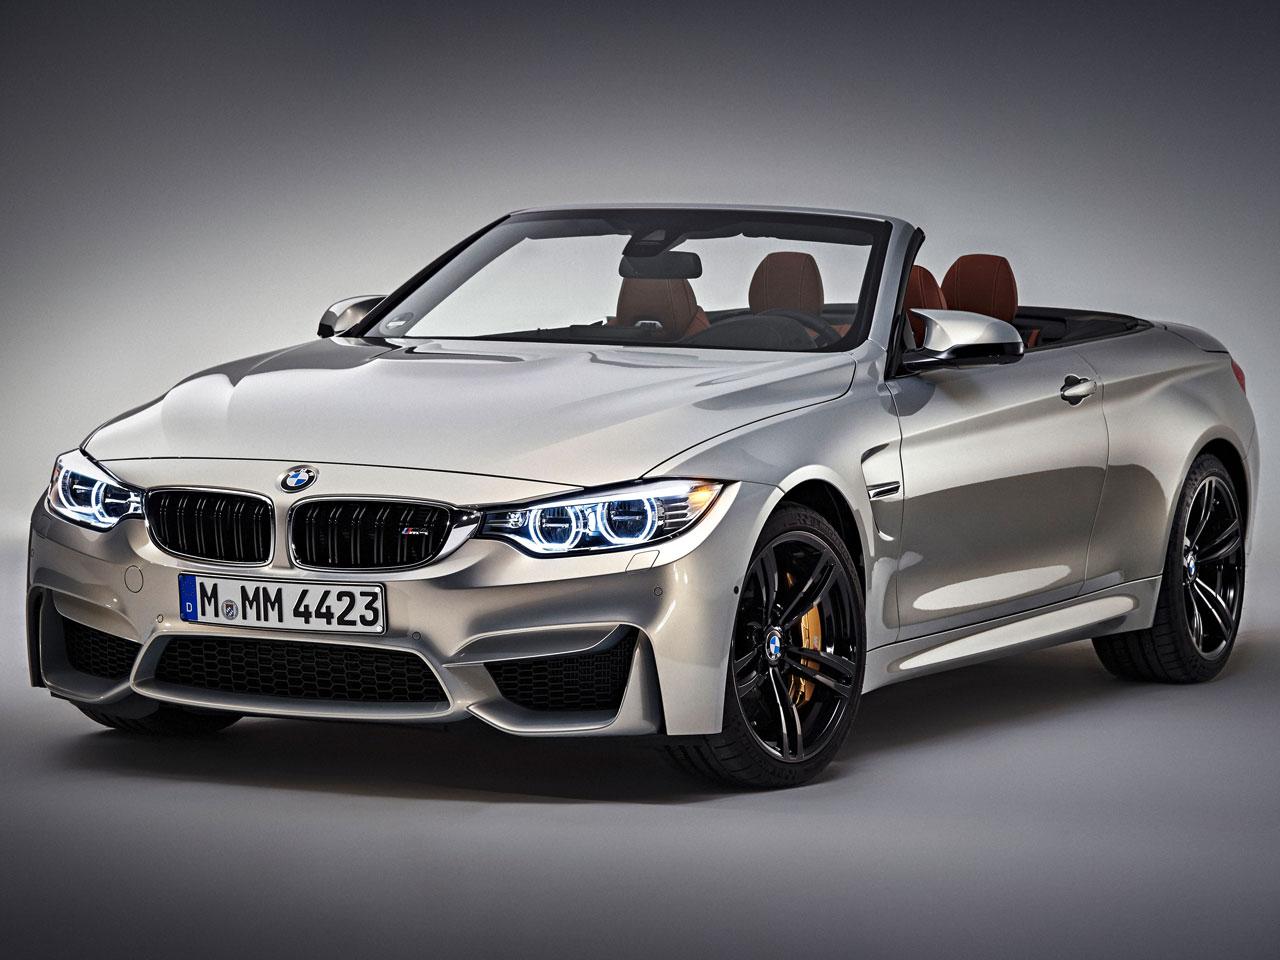 BMW M4 カブリオレ 2018年モデル 新車画像